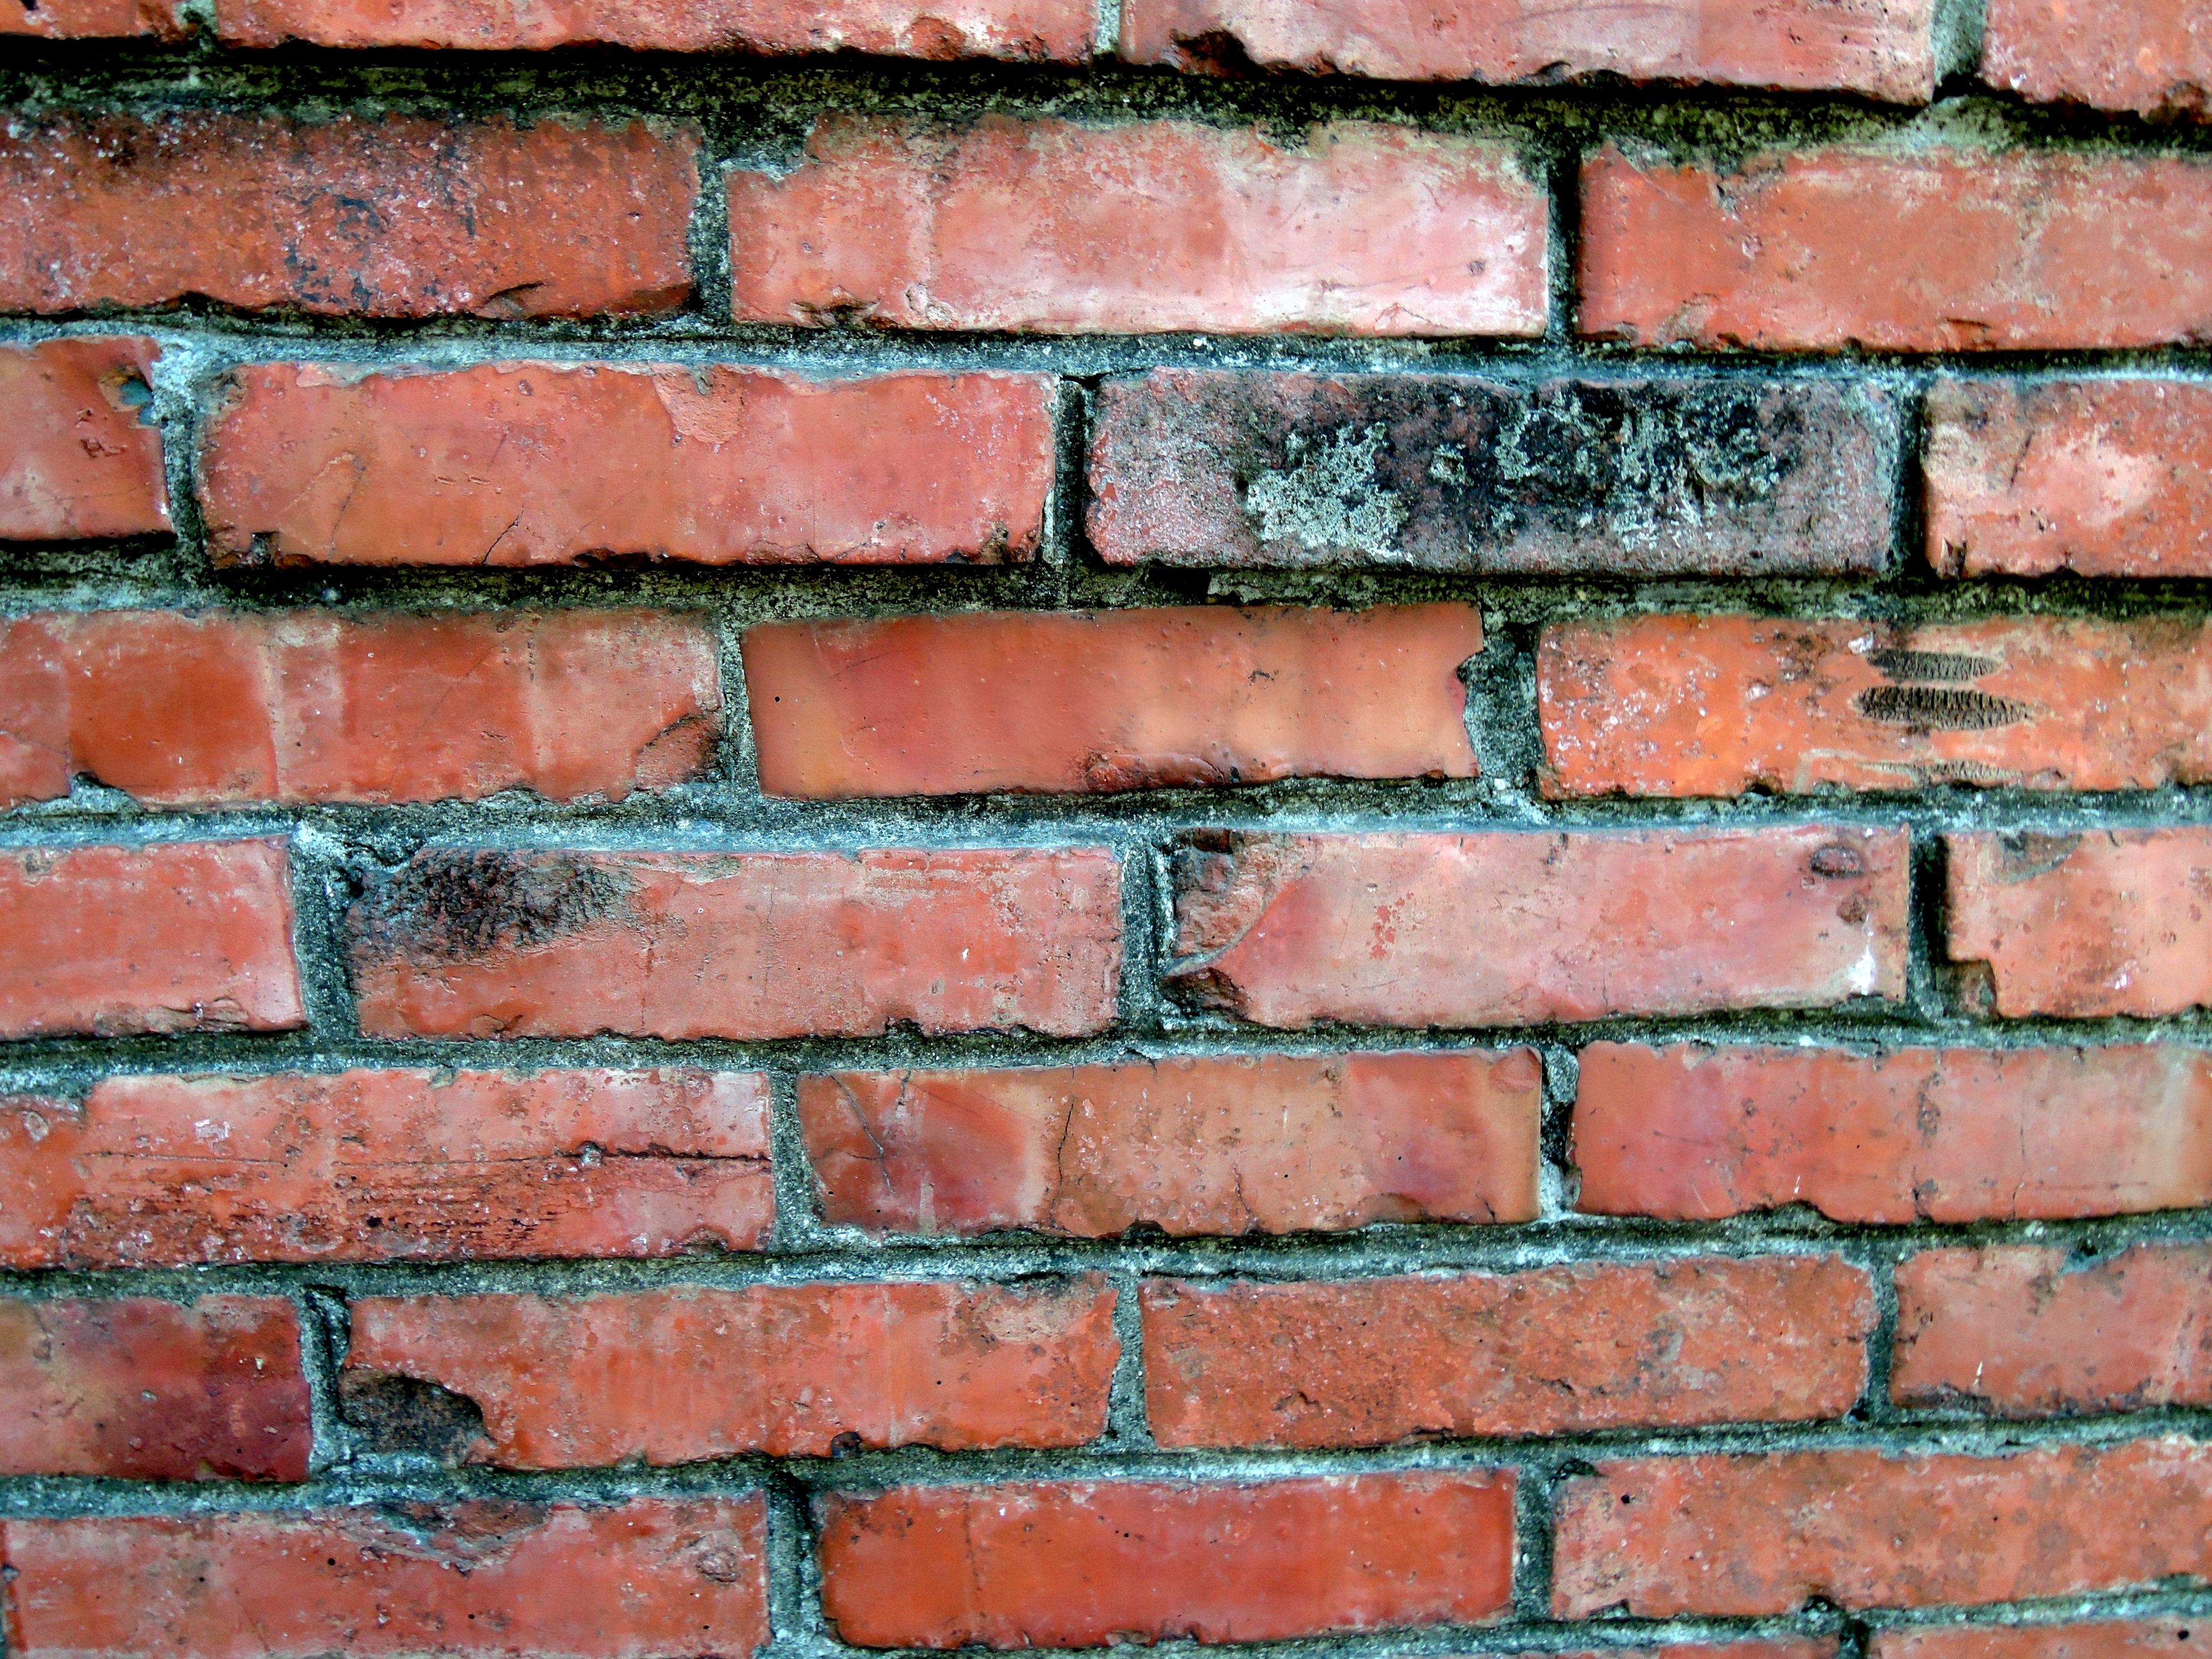 Mur En Brique Rouge images gratuites : texture, vieux, mur, matériel, rectangle